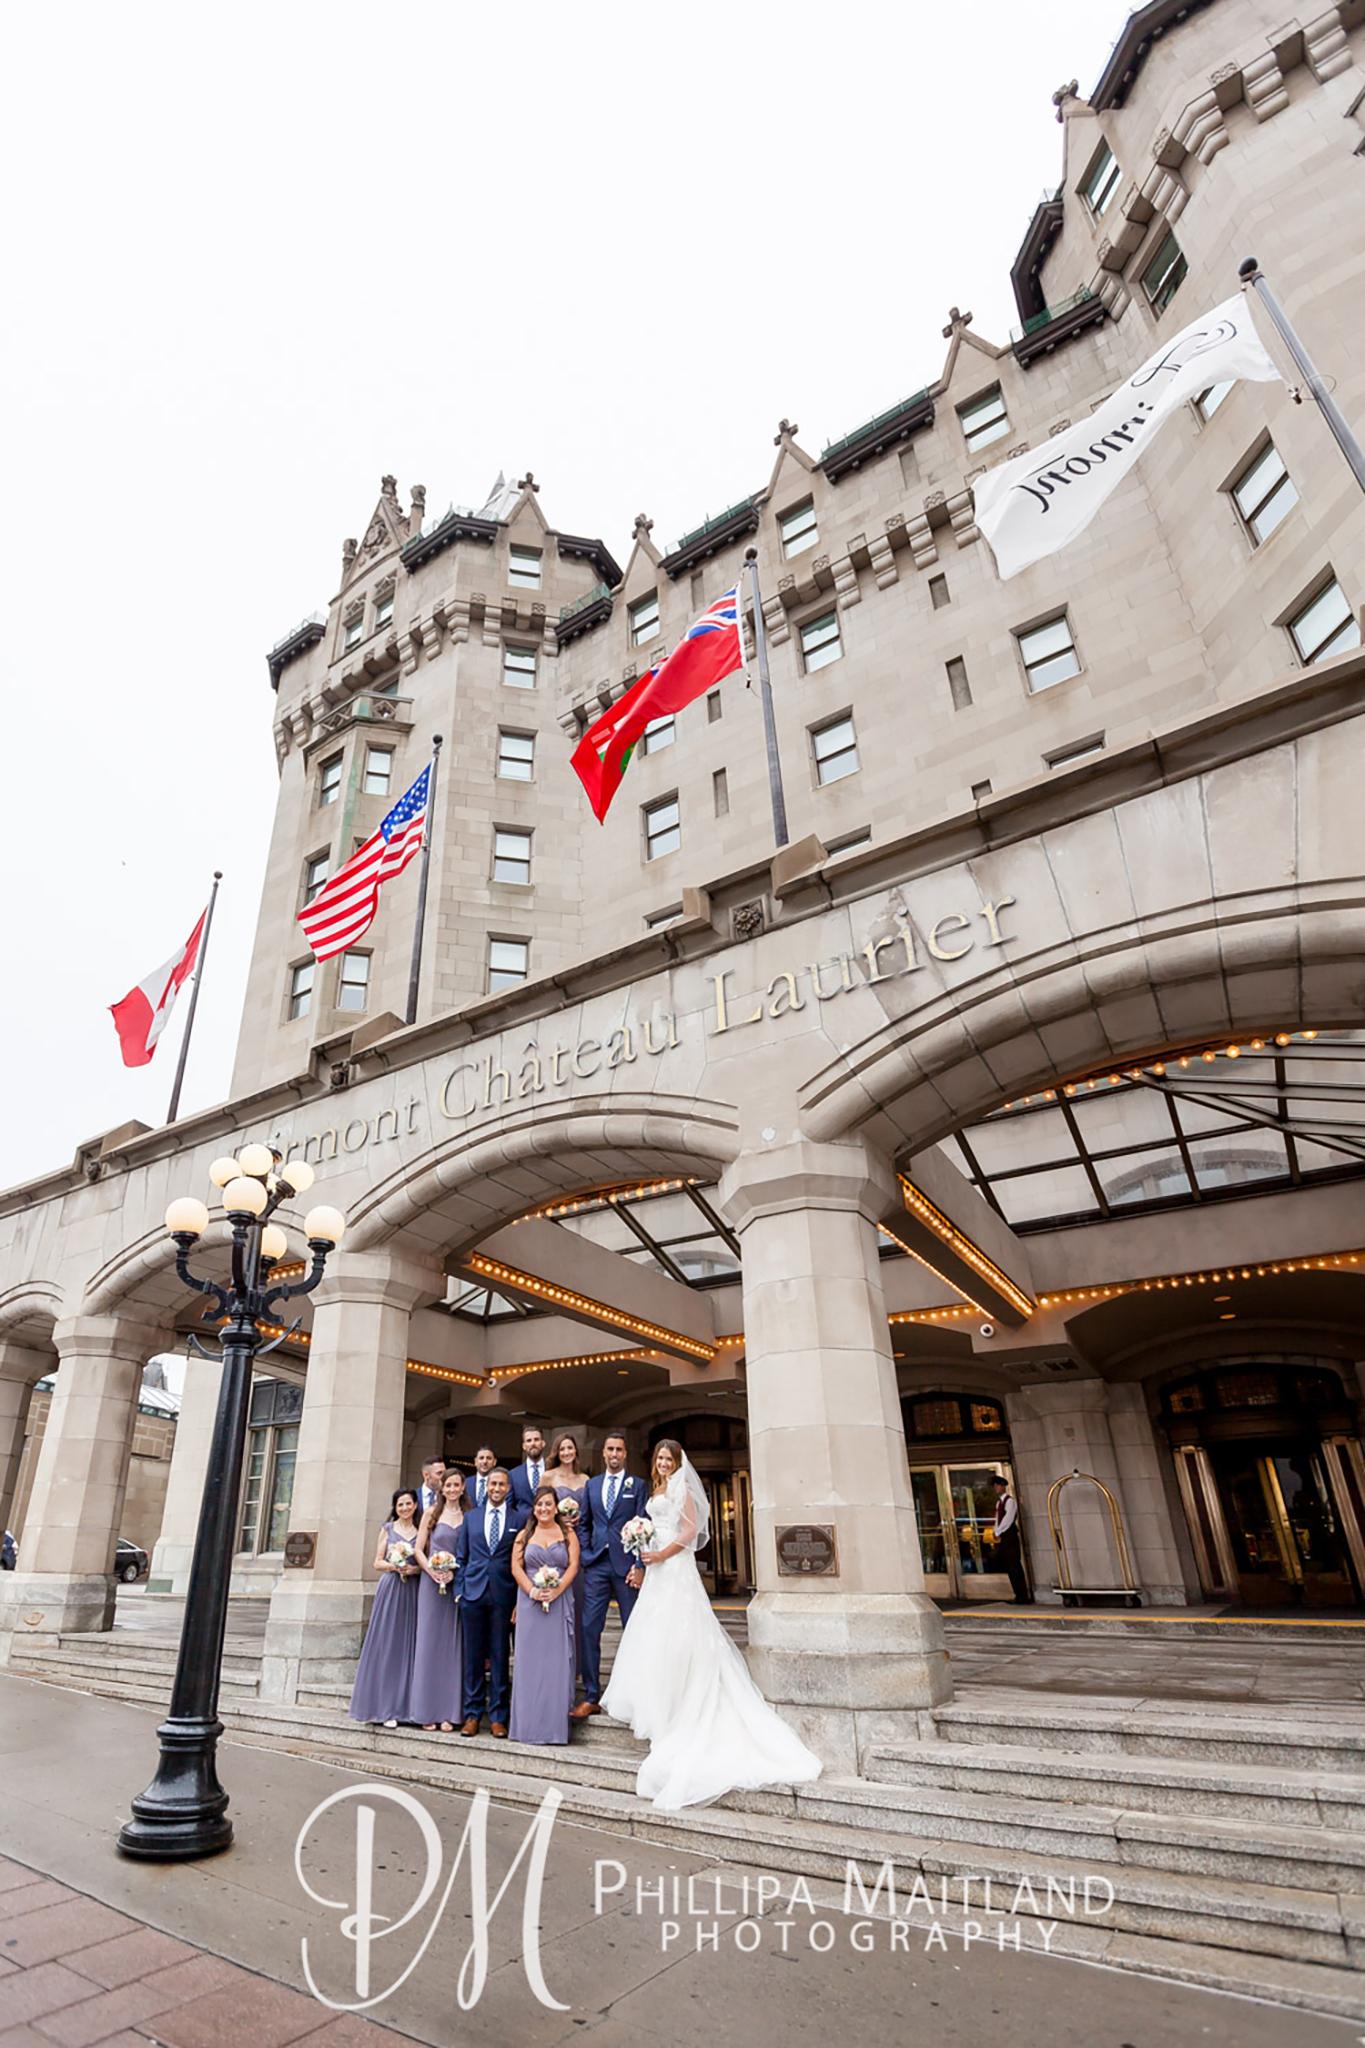 Chateau Laurier Ottawa Wedding 44.jpg